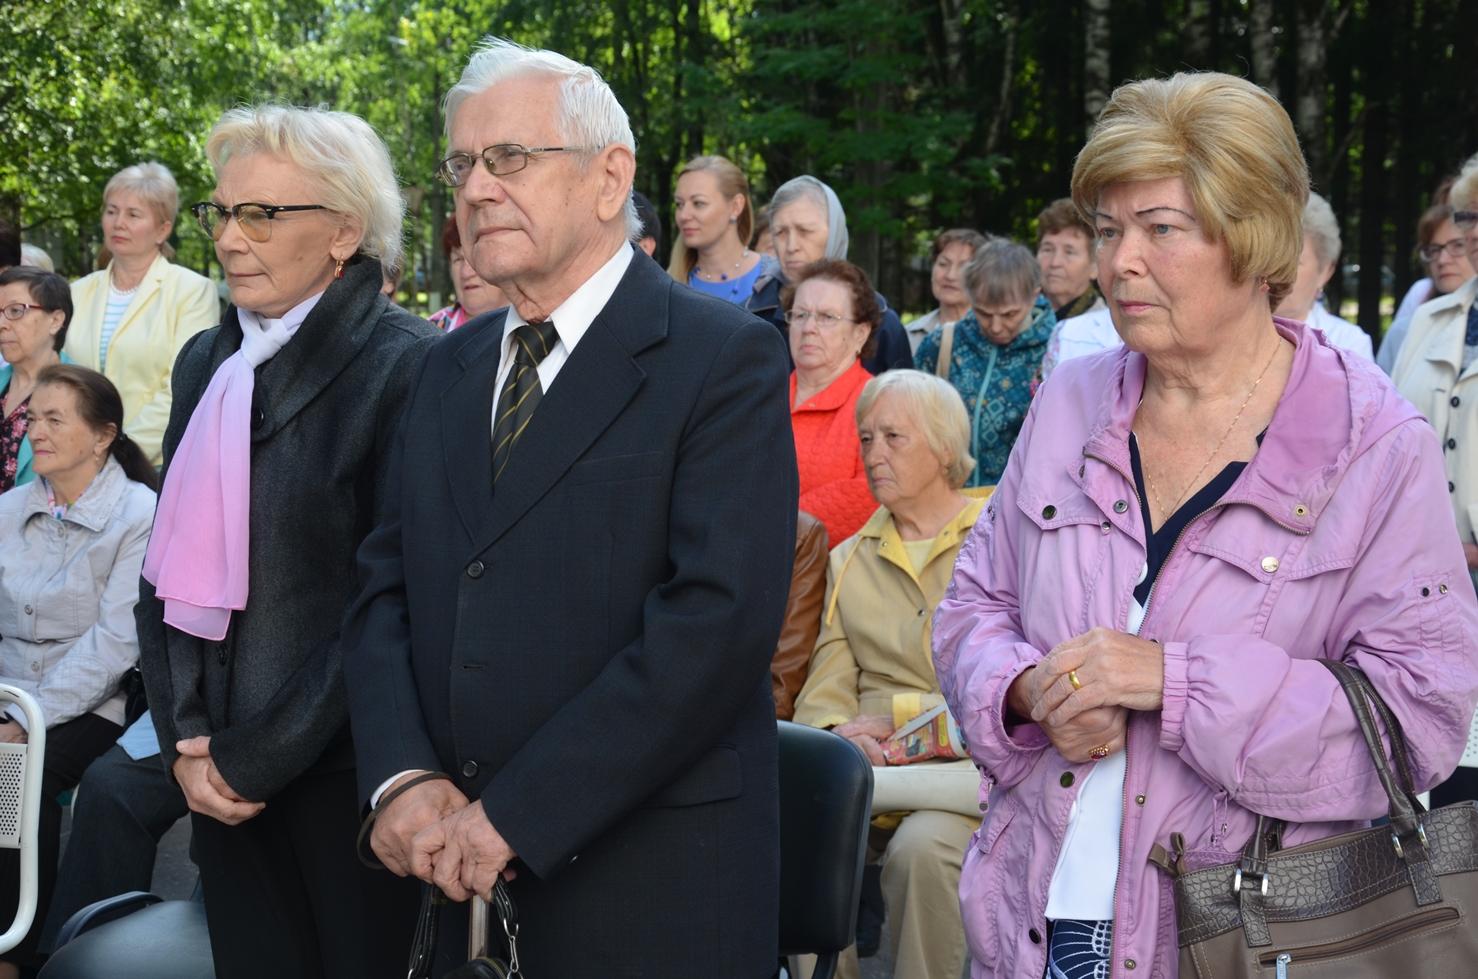 В Сыктывкаре открыли мемориальную доску заслуженному врачу РСФСР и Коми АССР Анатолию Разманову